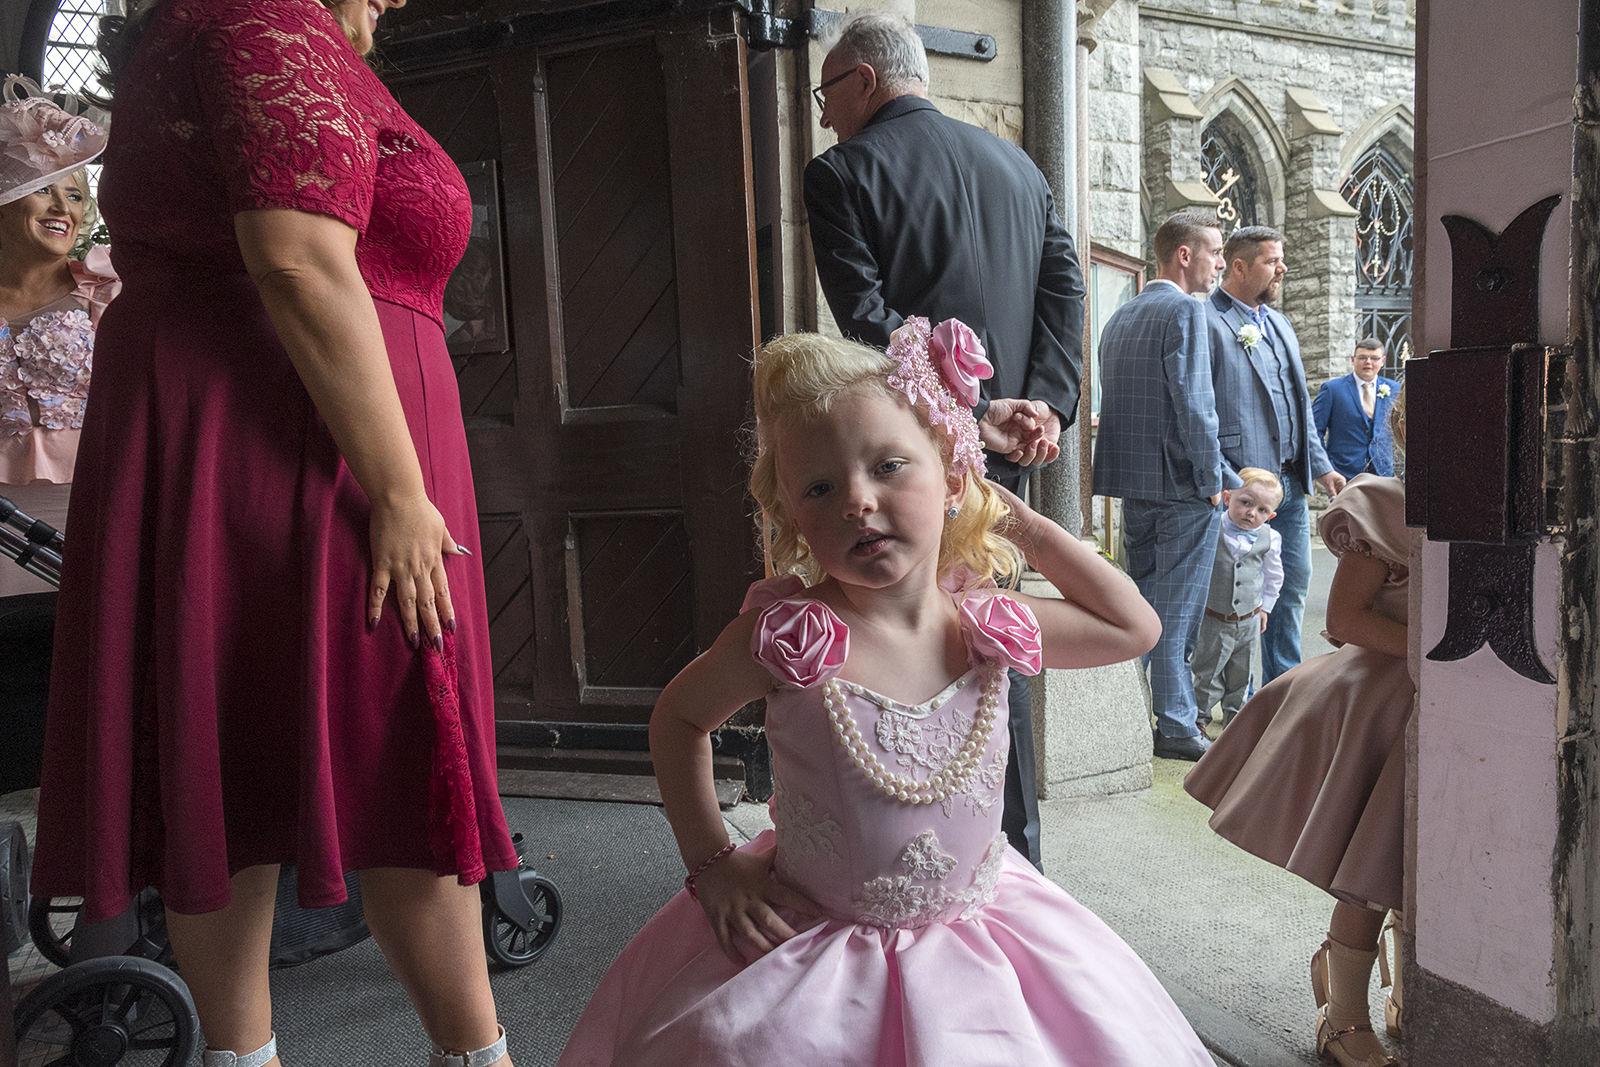 Pink Dress, Dublin, Ireland 2019